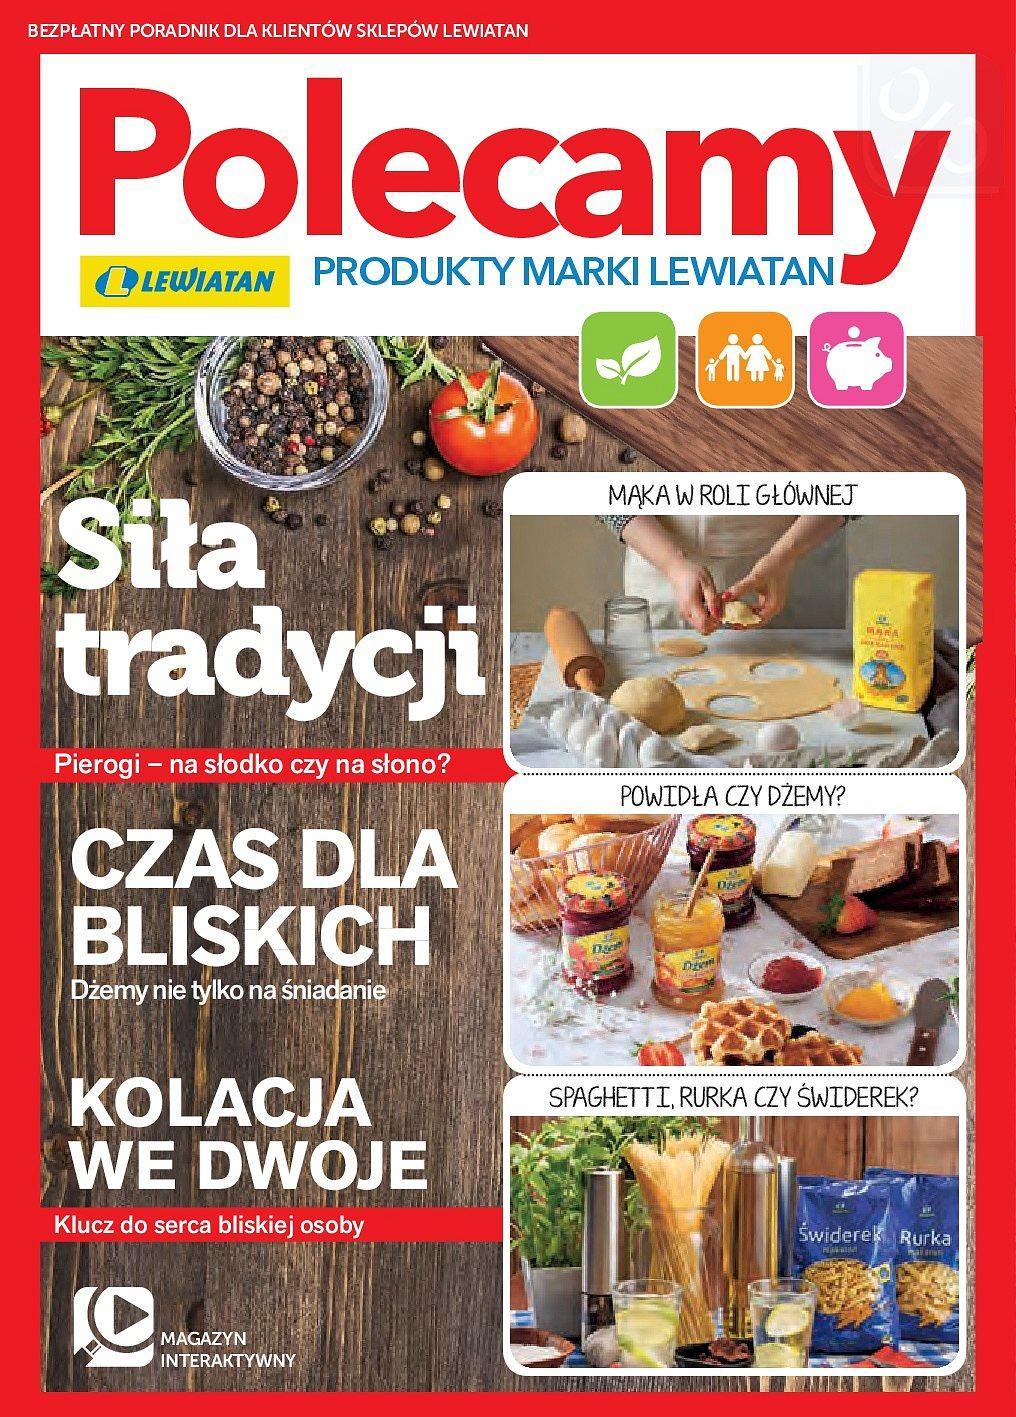 Gazetka promocyjna Lewiatan do 31/05/2018 str.1